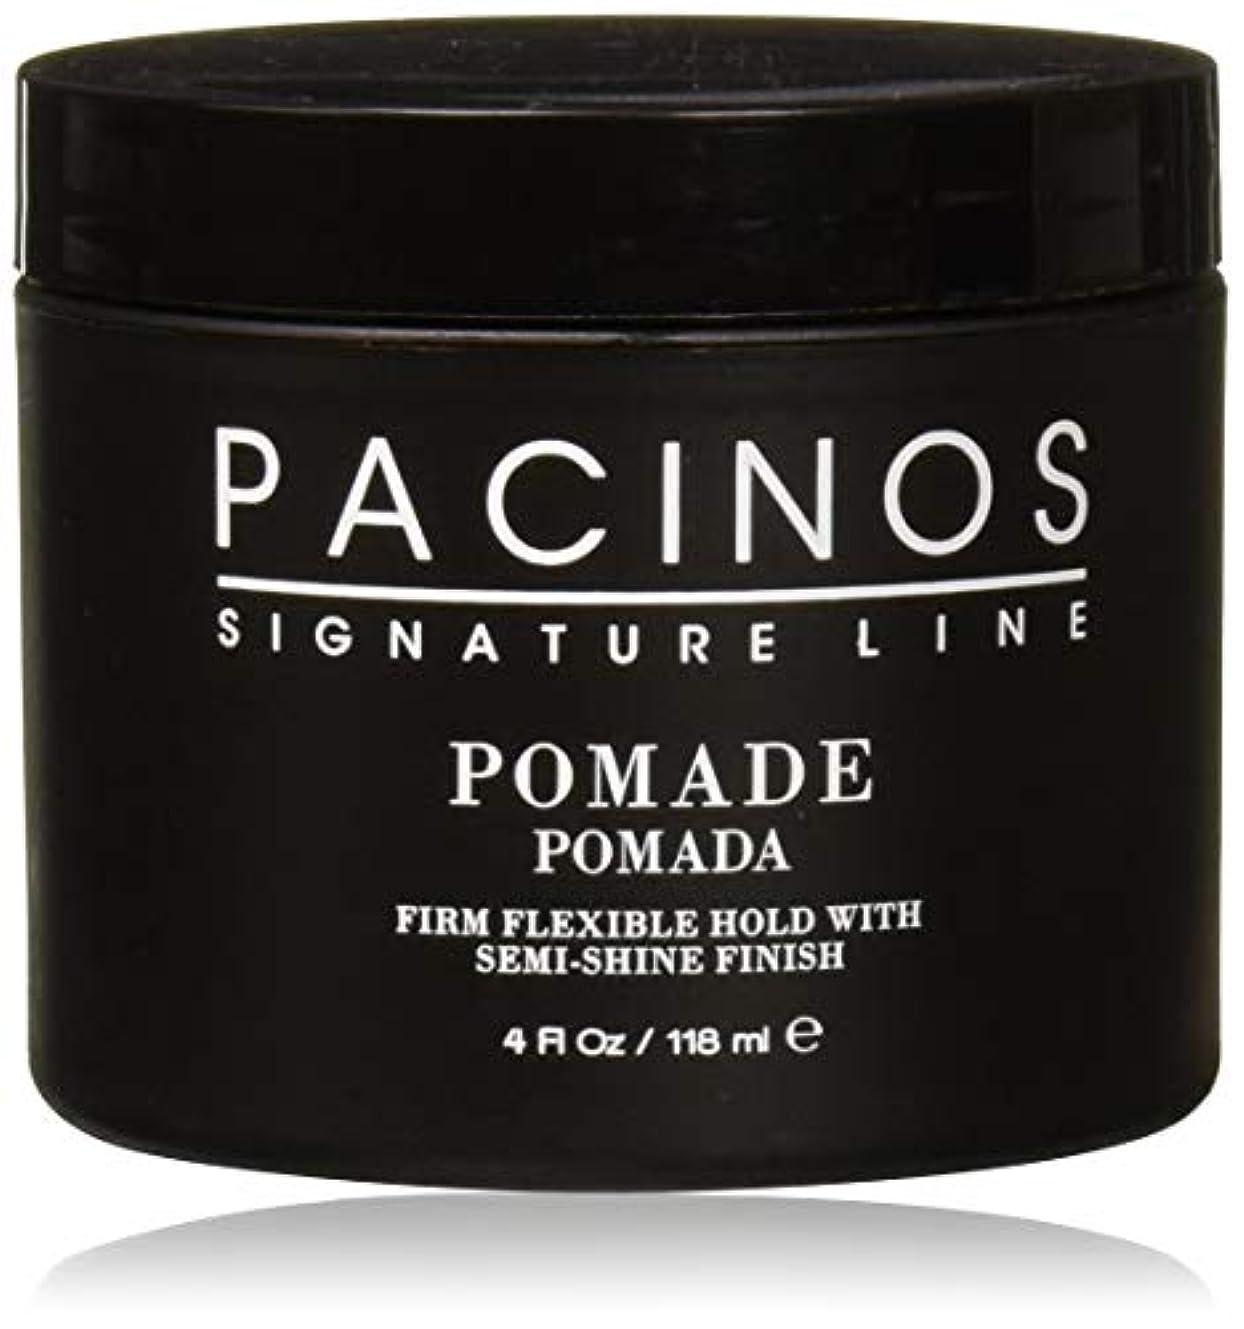 気晴らし理想的インセンティブPacinos Pomade パチーノス?ポマード【日本正規品】4oz(118g)